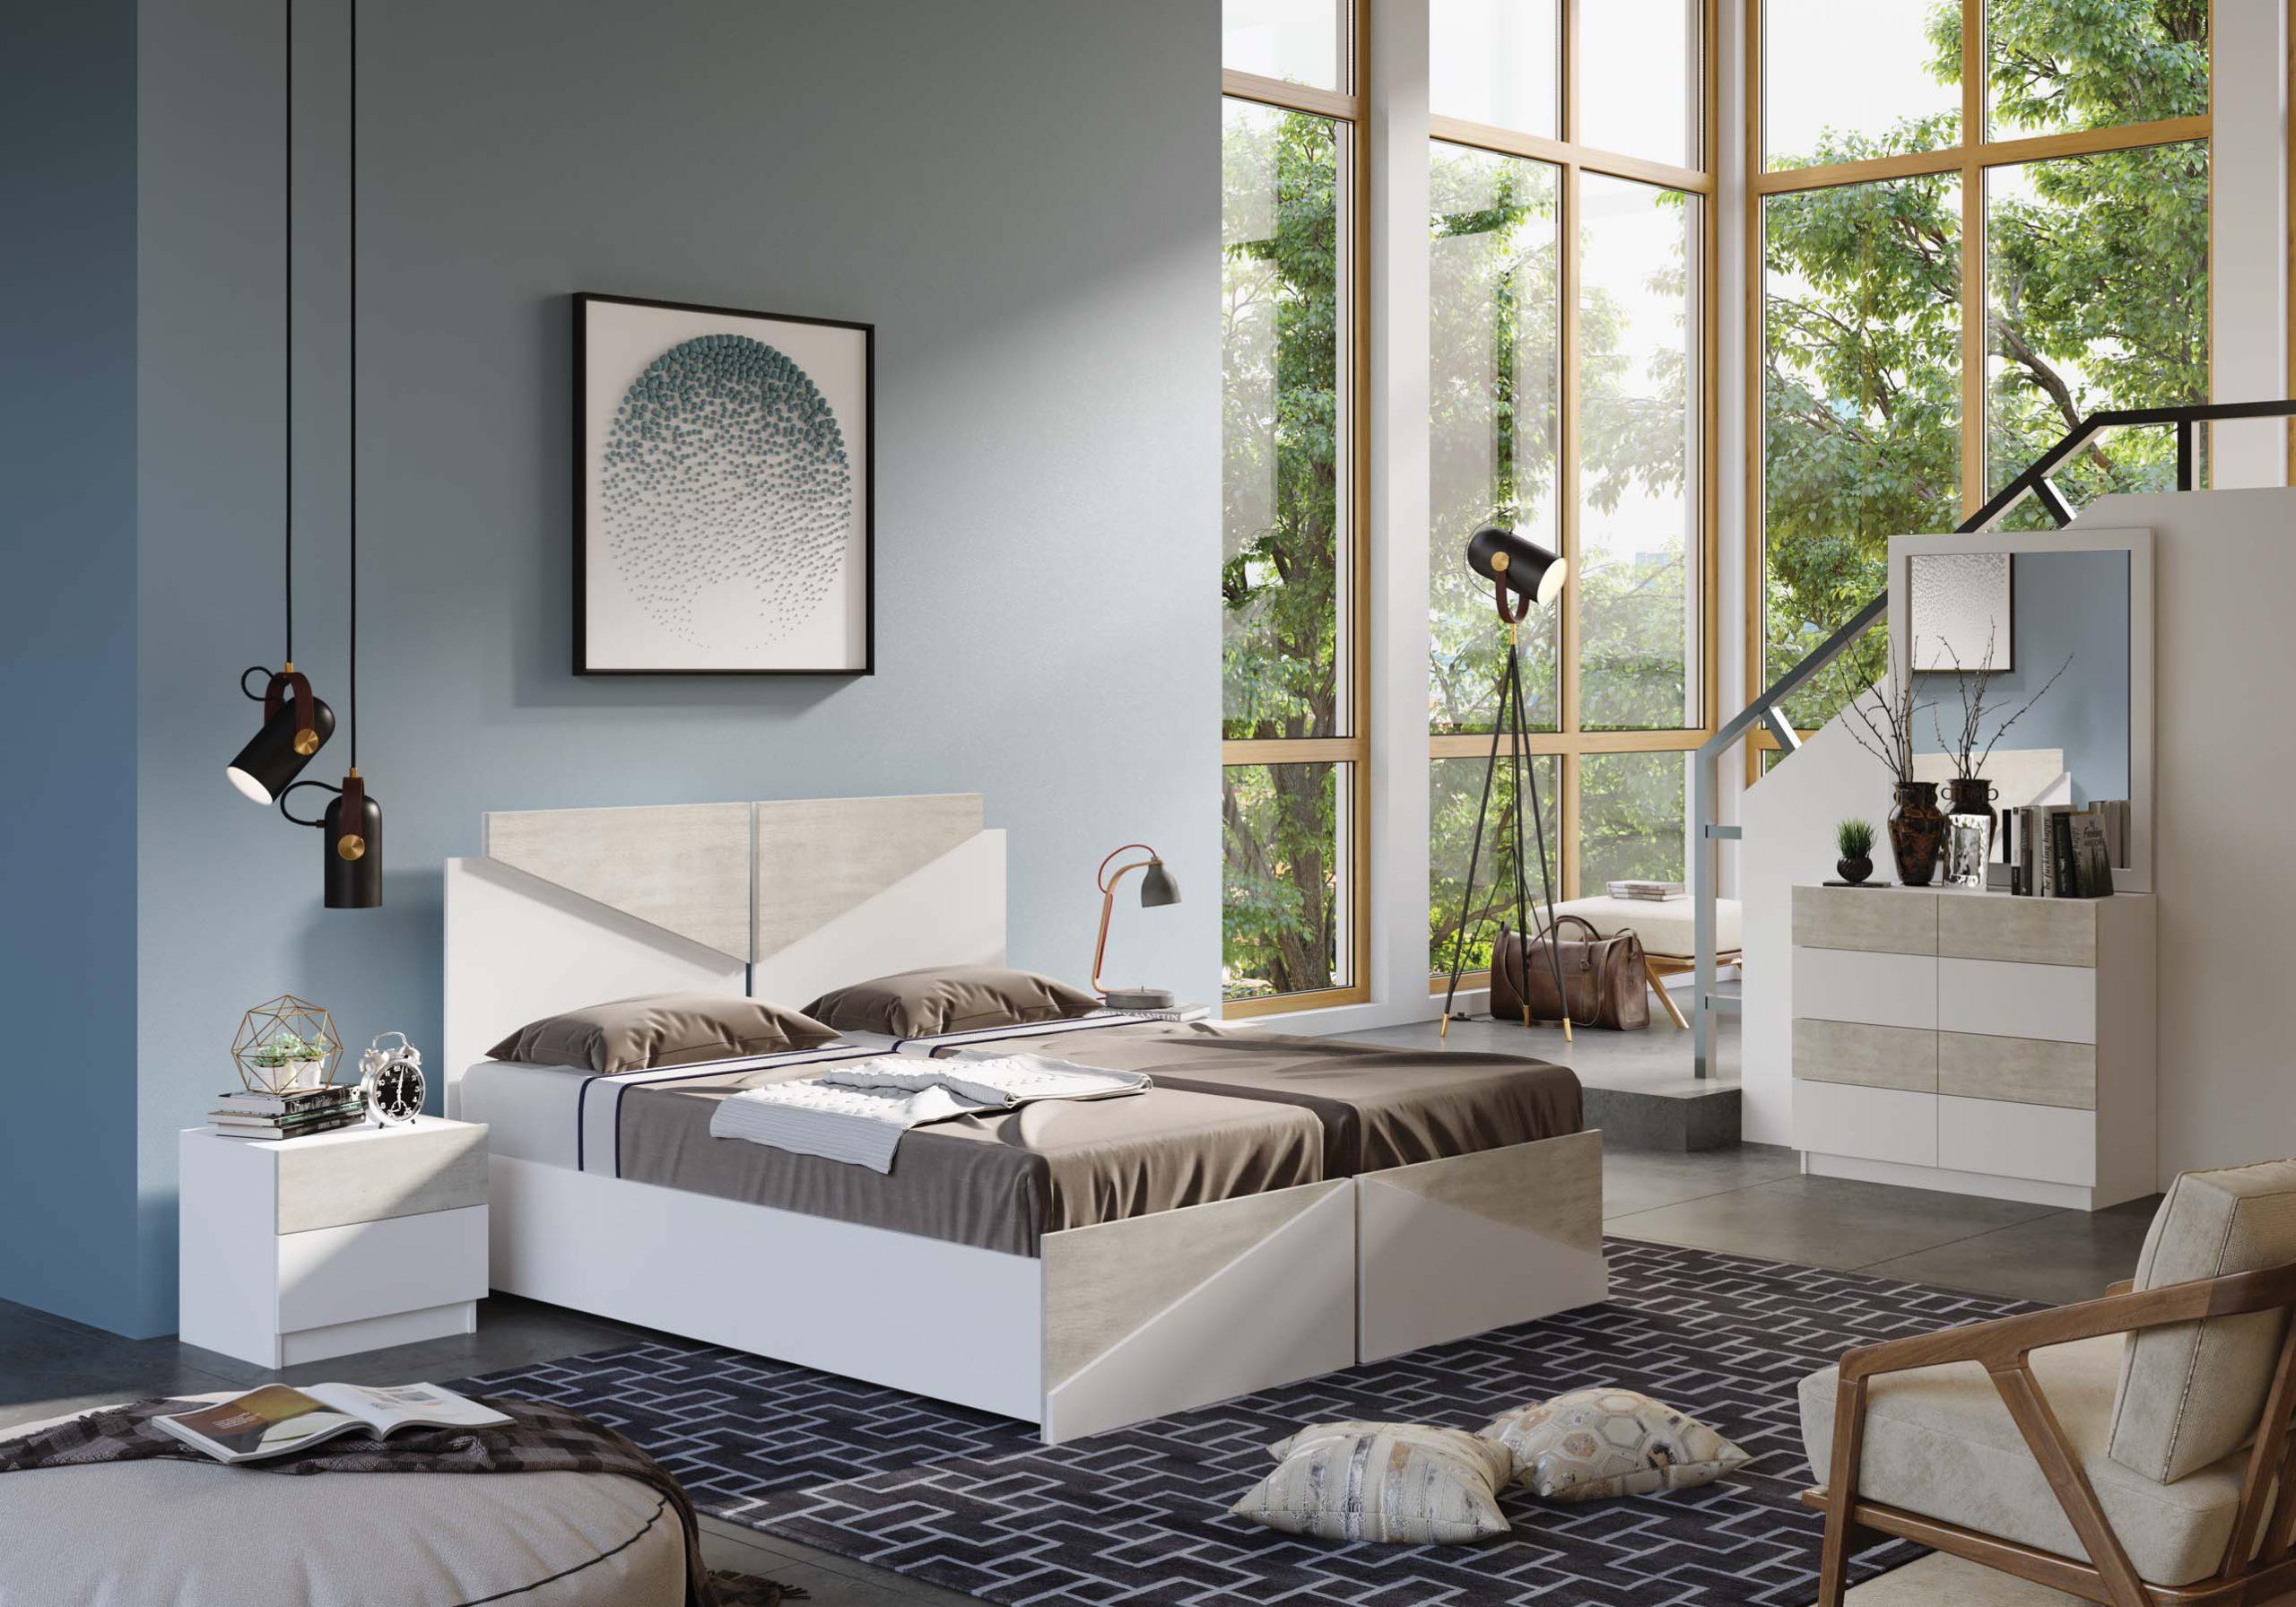 חדר שינה מיטה יהודית דגם חרצית